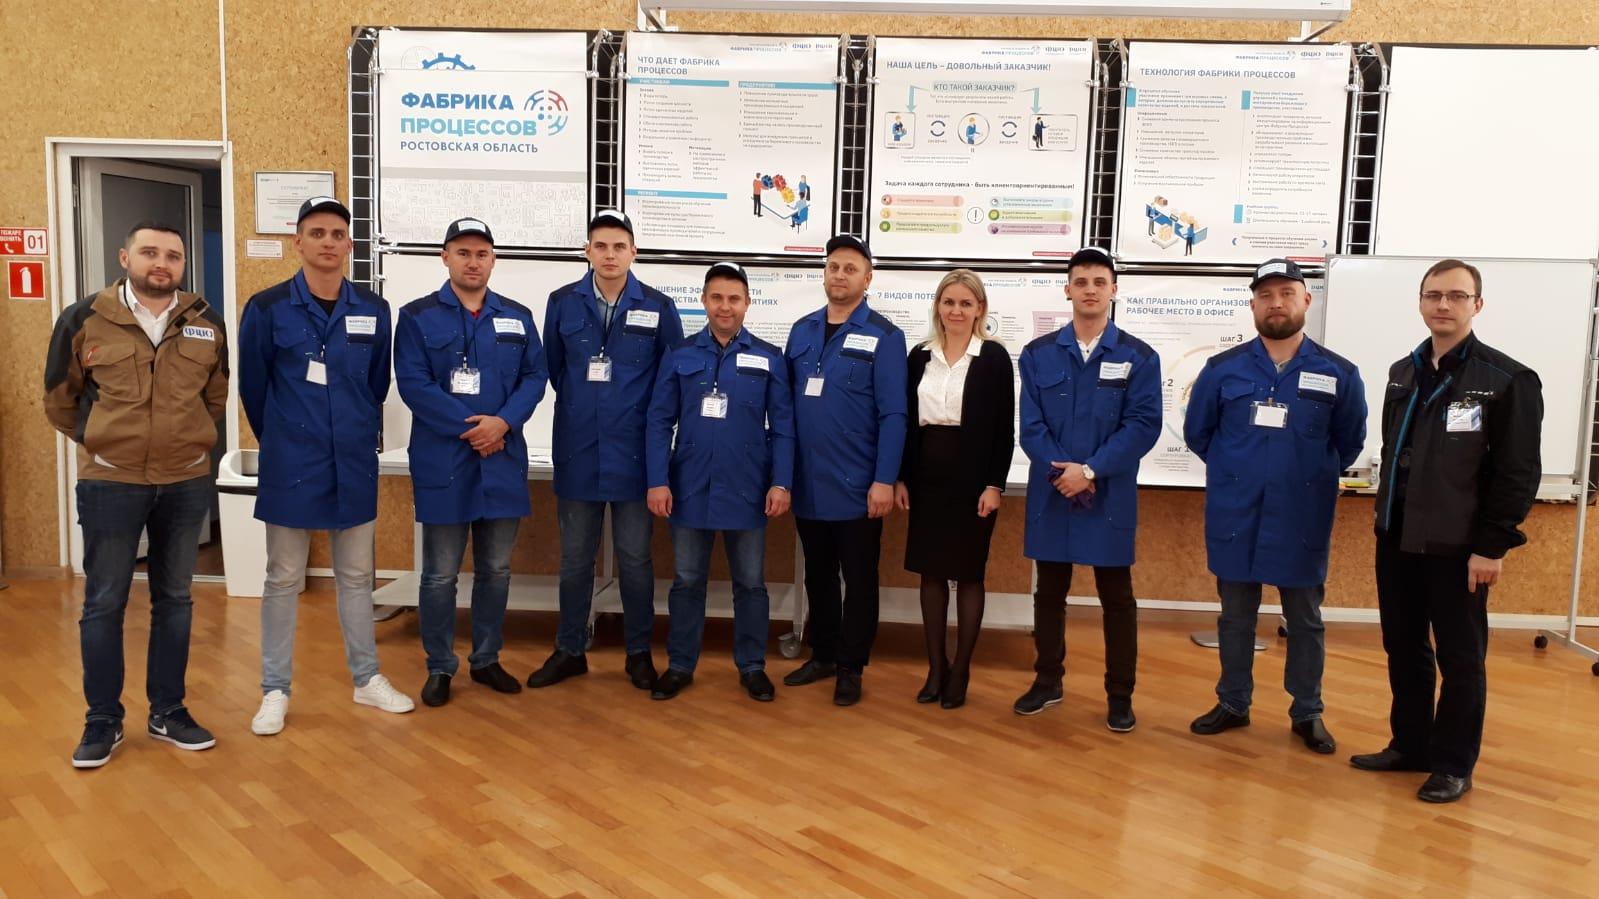 Первая команда из Ростова-на-Дону прошла отборочный тур для участия в «Кубке по рационализации и производительности»